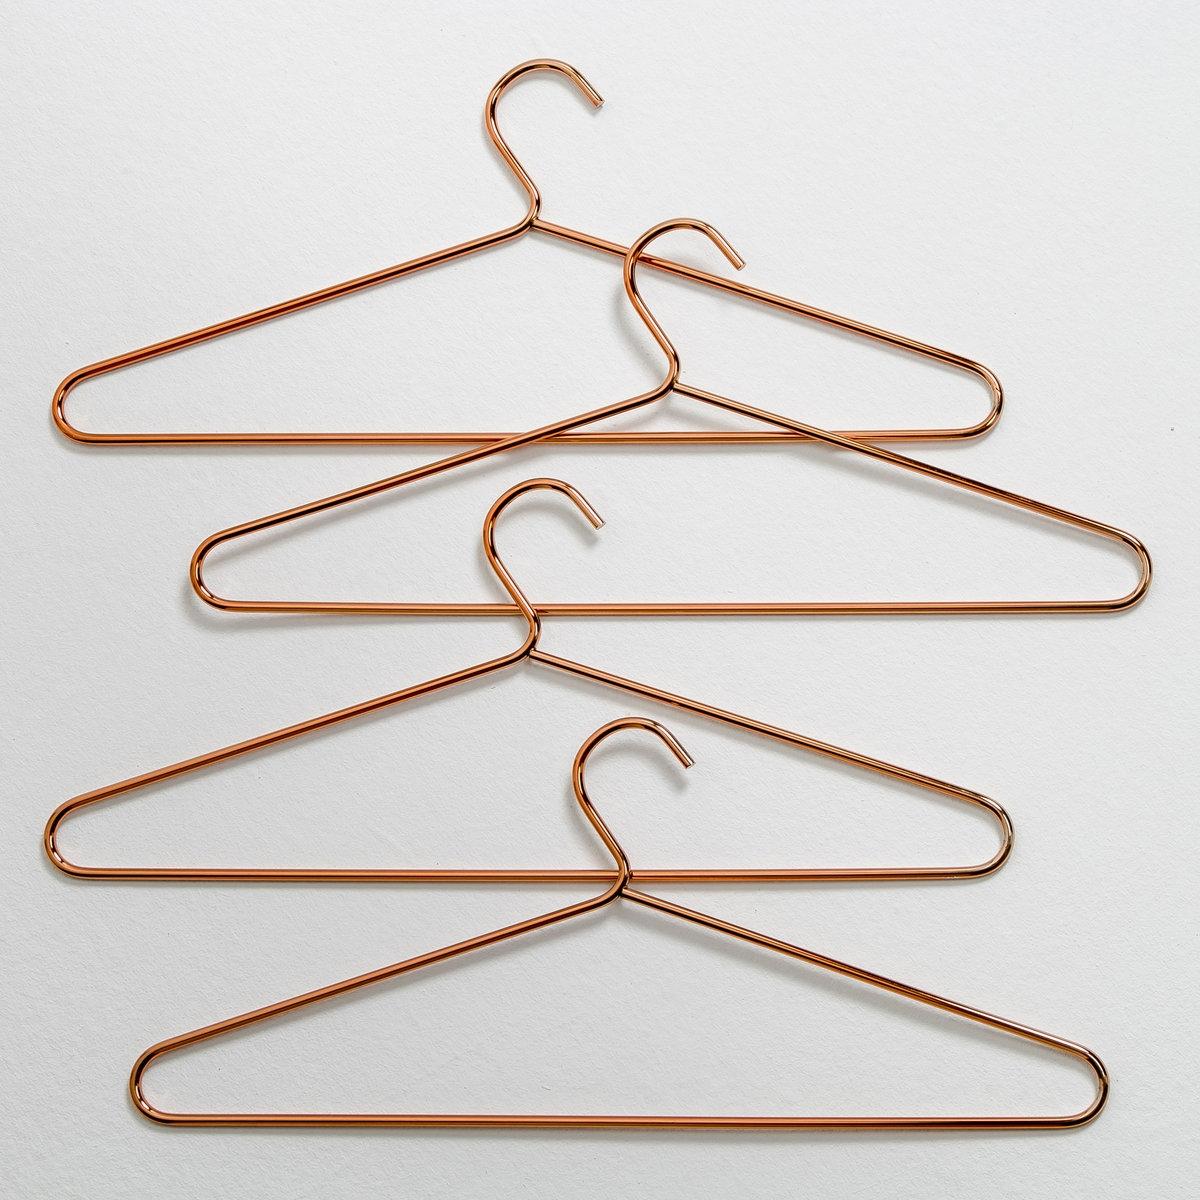 Комплект из 4 металлических плечиков медного цвета для одежды, ELORI бра настенное из металла elori